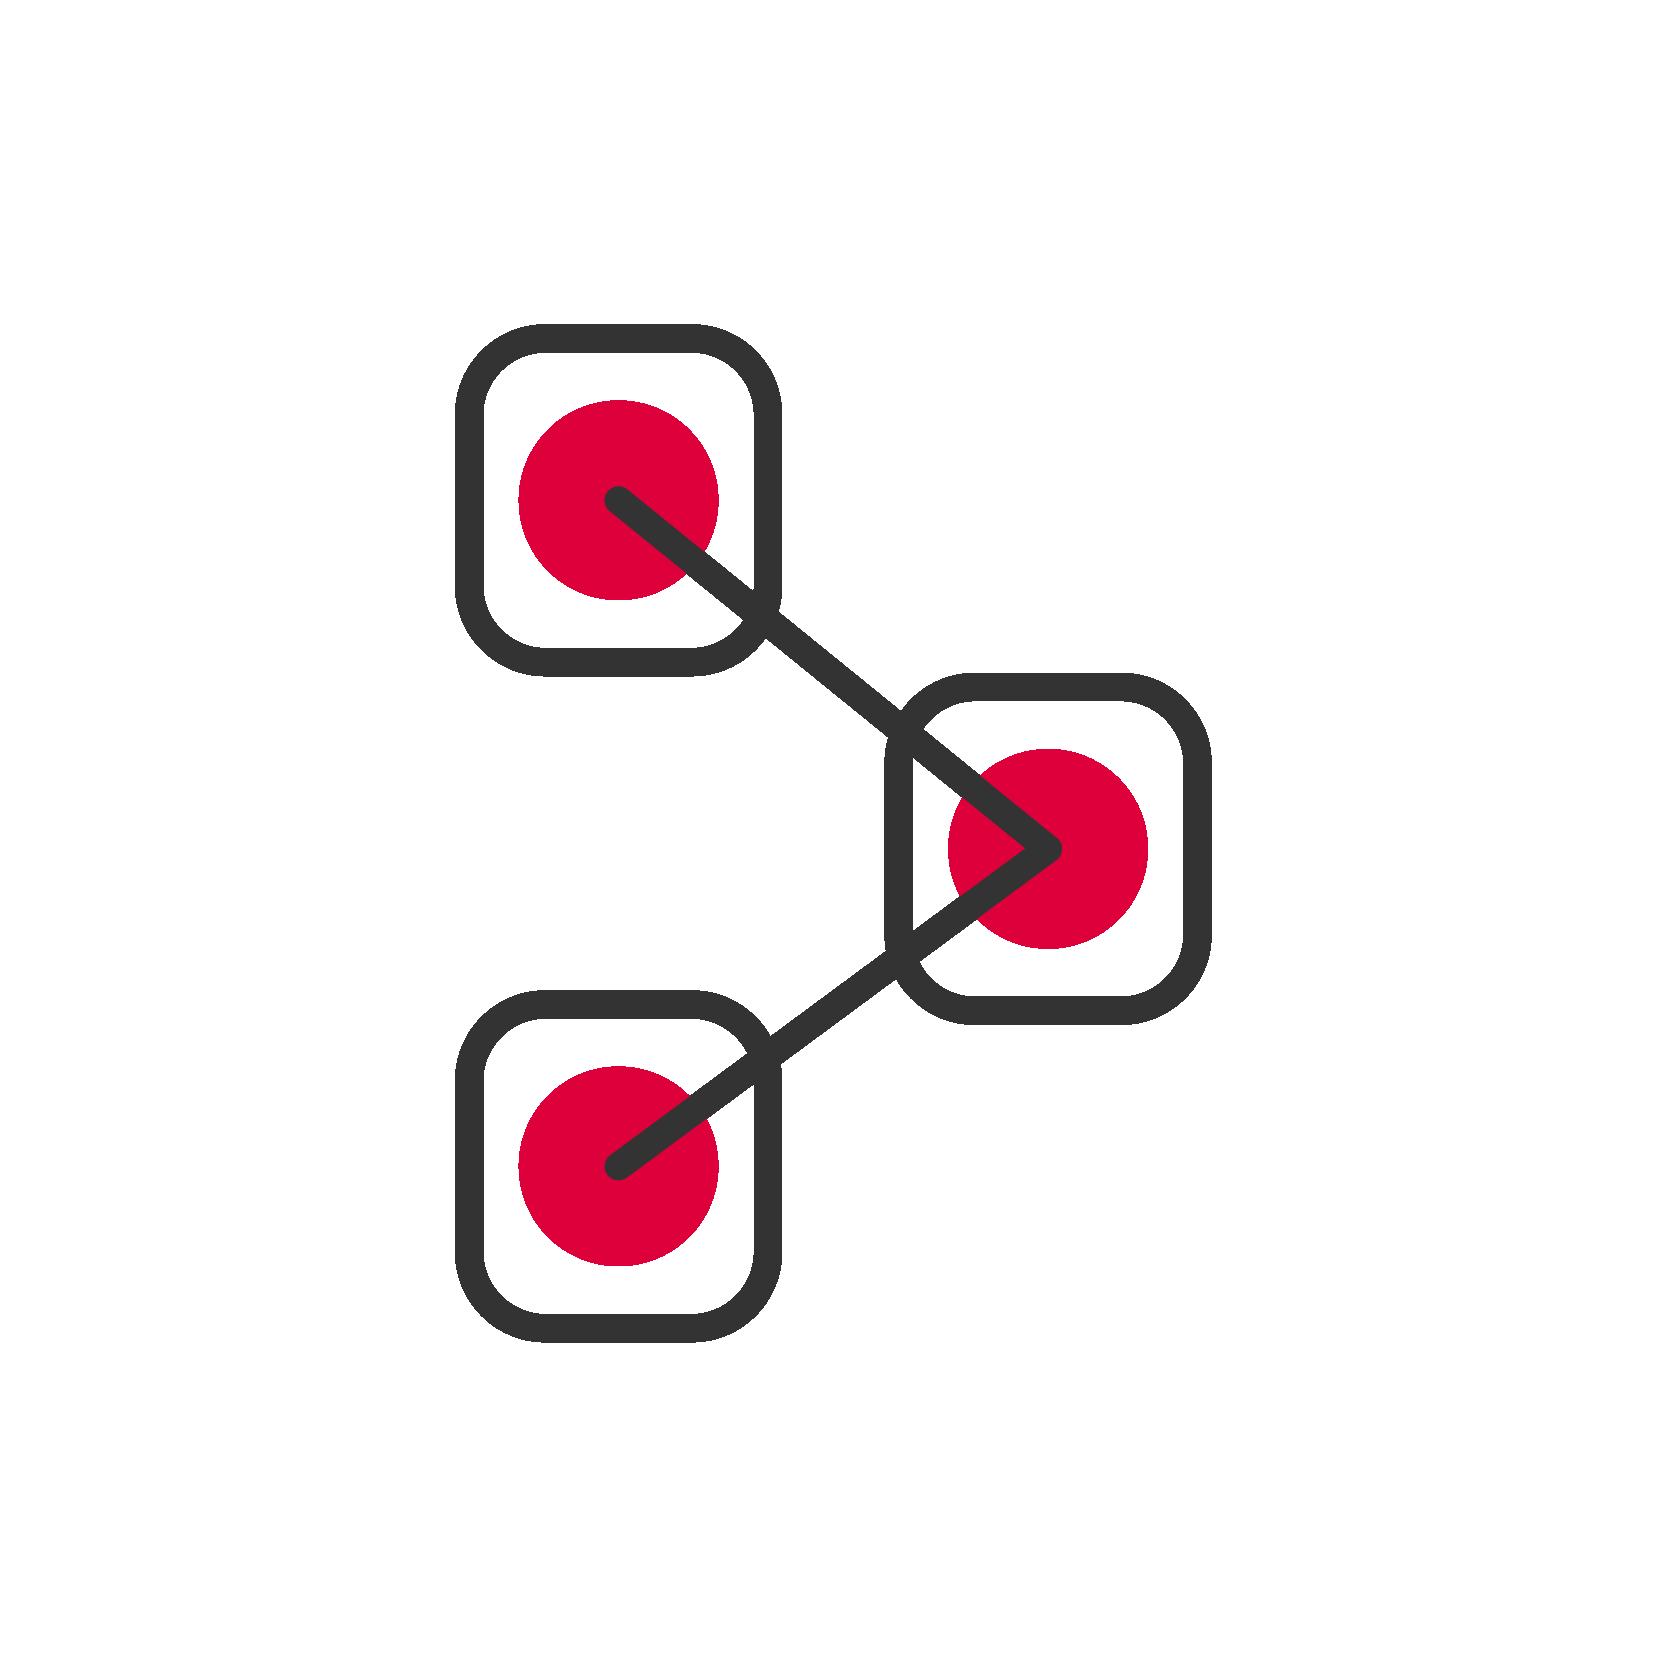 DATABASE MARKETING - Estruturação e gerenciamento do banco de dados com foco no consumidor